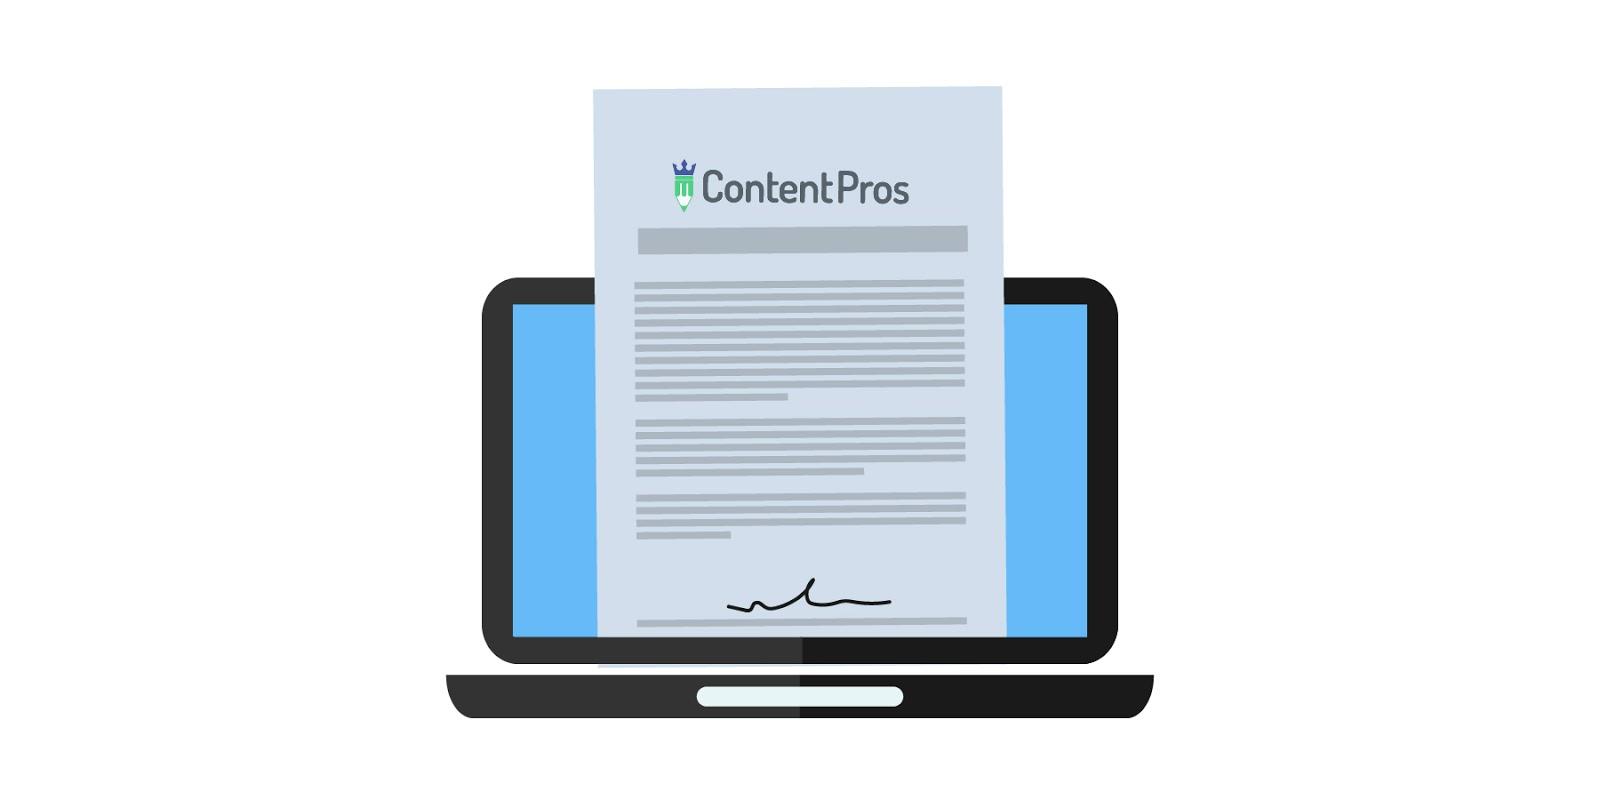 Content Pros